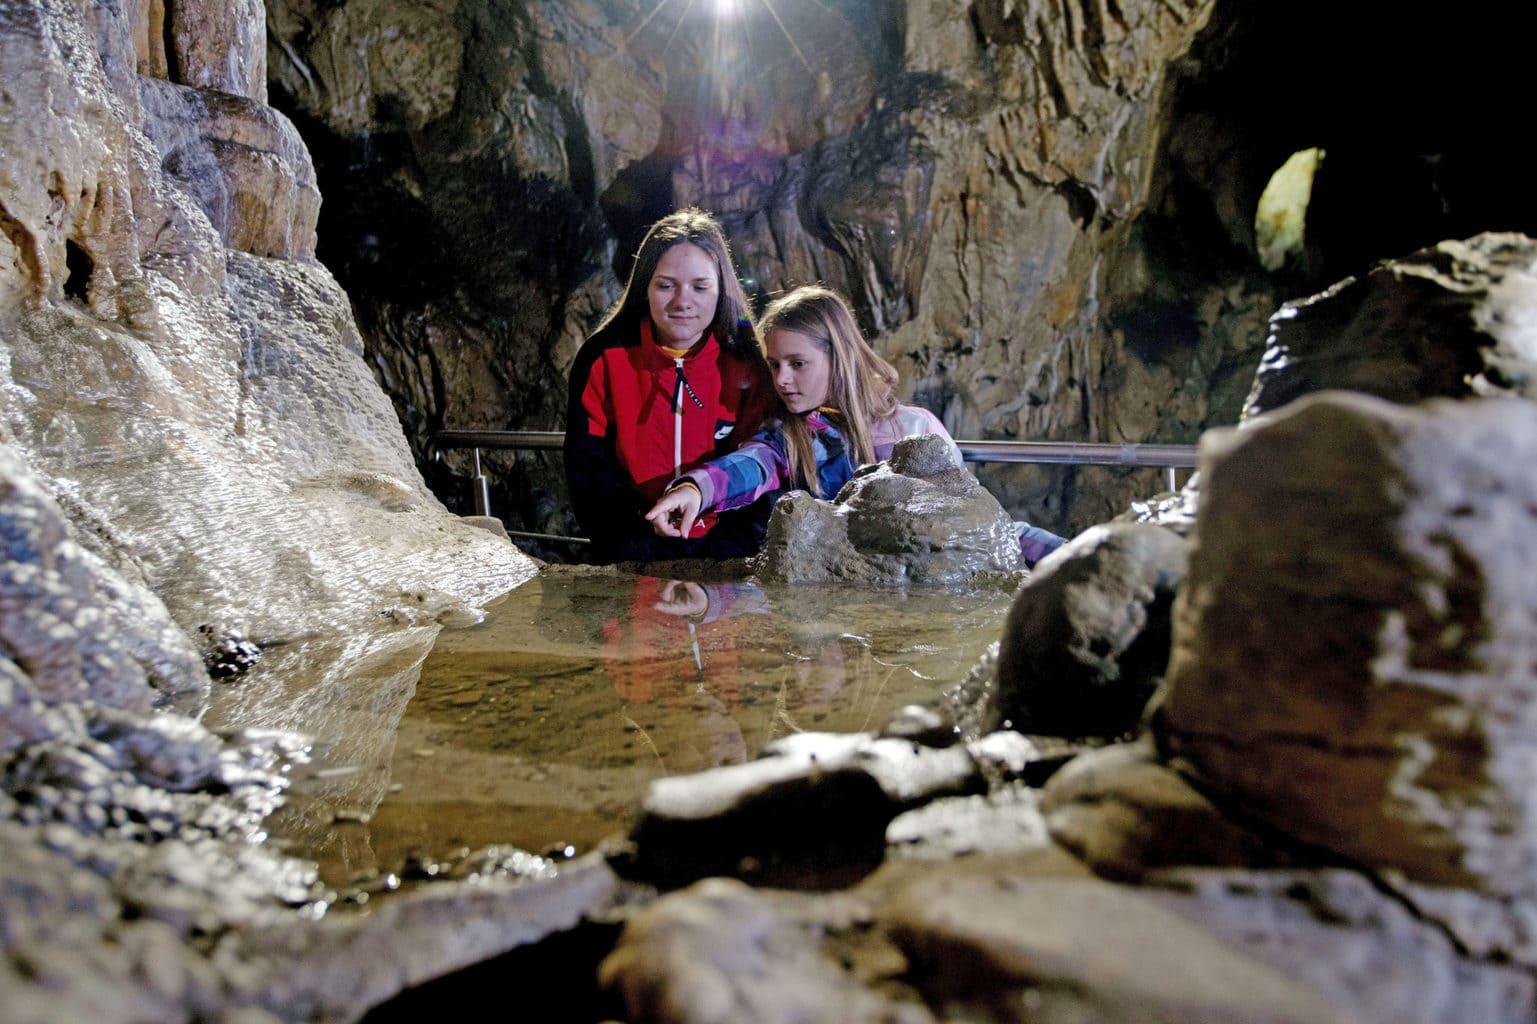 Kinderen genieten van de Charlottenhöhle in Giengen